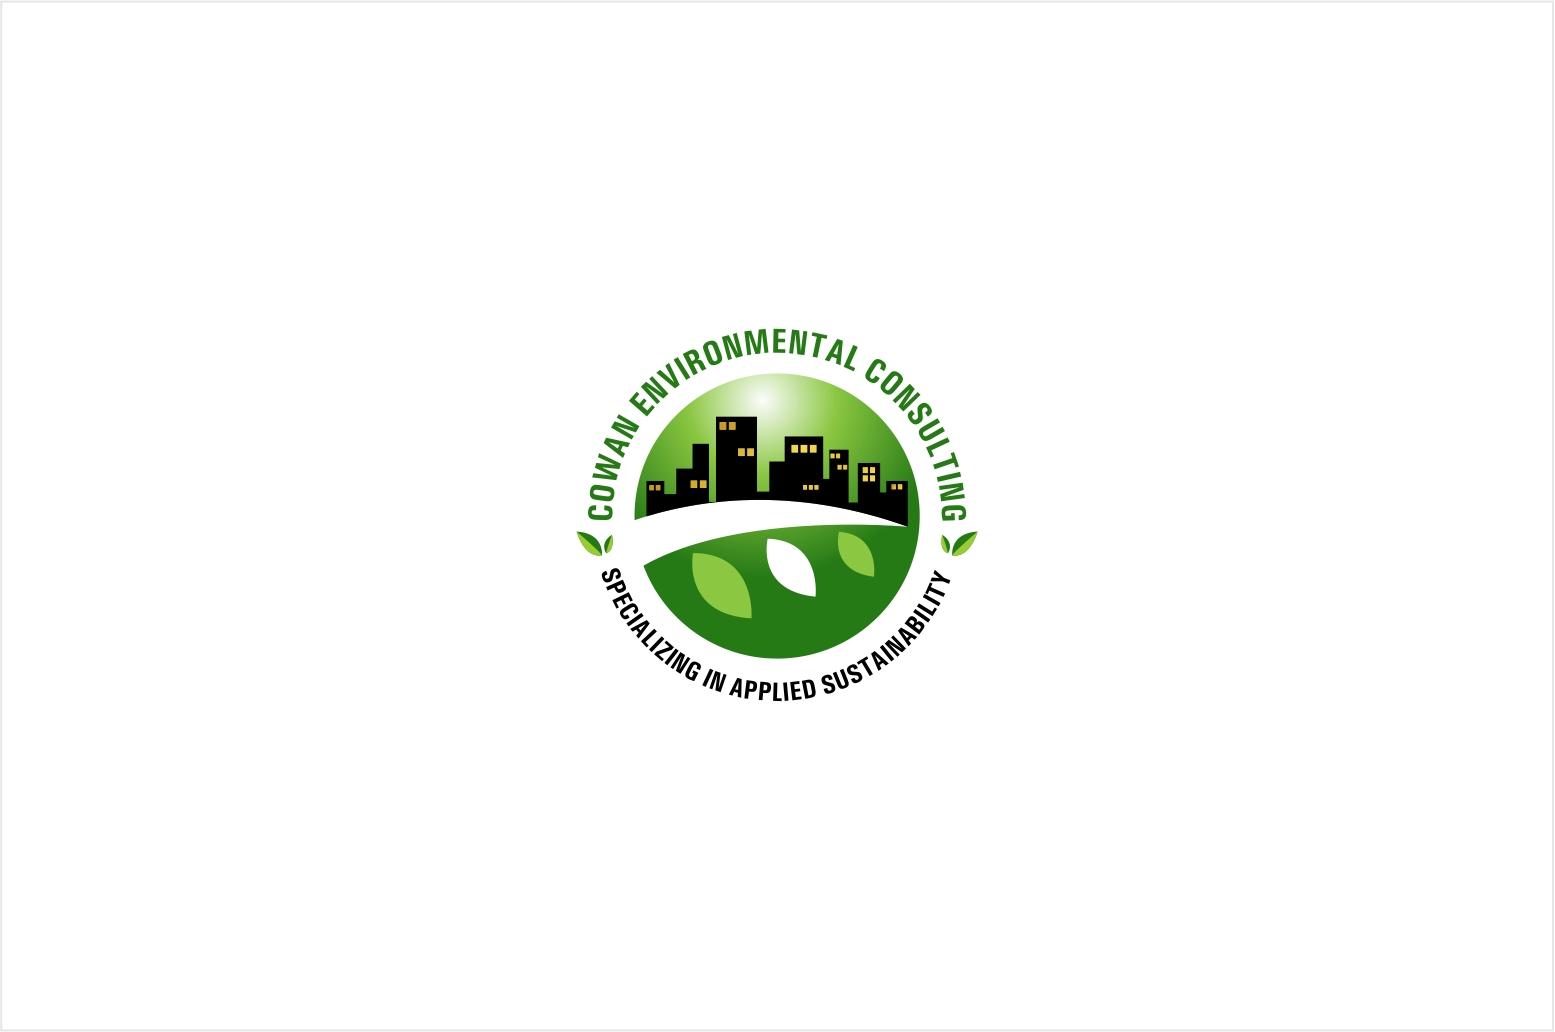 Logo Design by haidu - Entry No. 111 in the Logo Design Contest Fun Logo Design for Cowan Environmental Consulting.